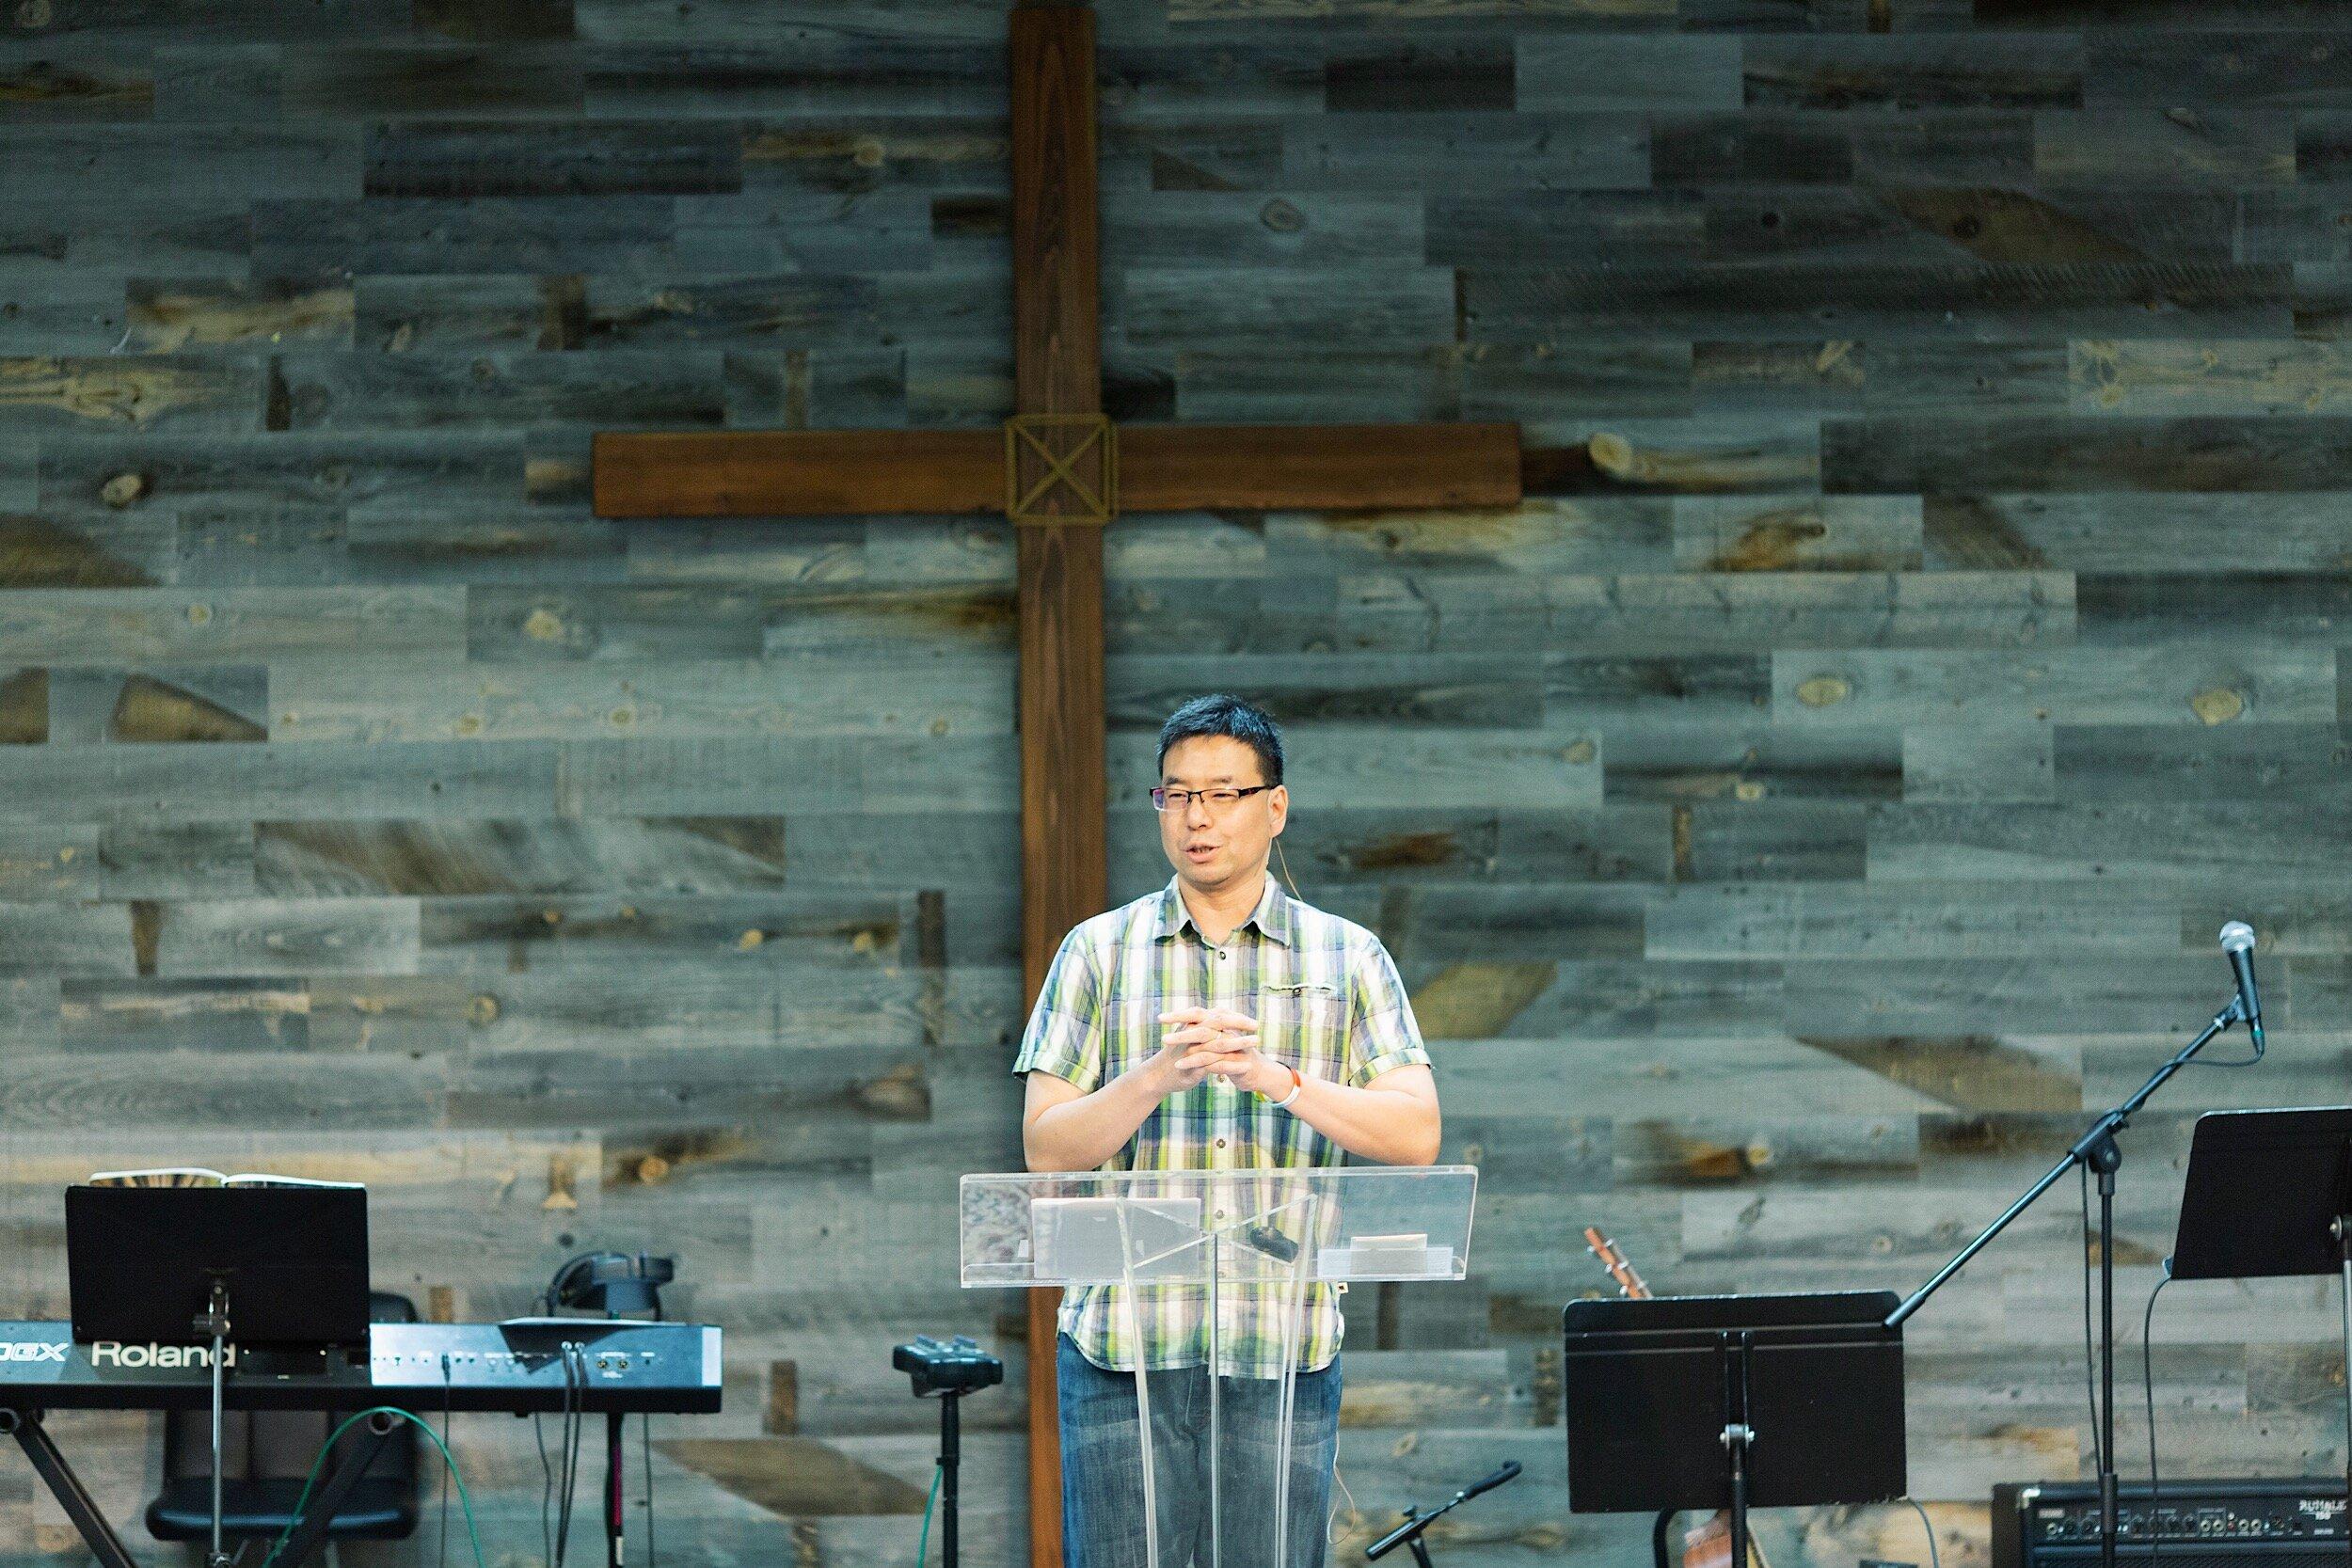 Pastor Ben making announcement